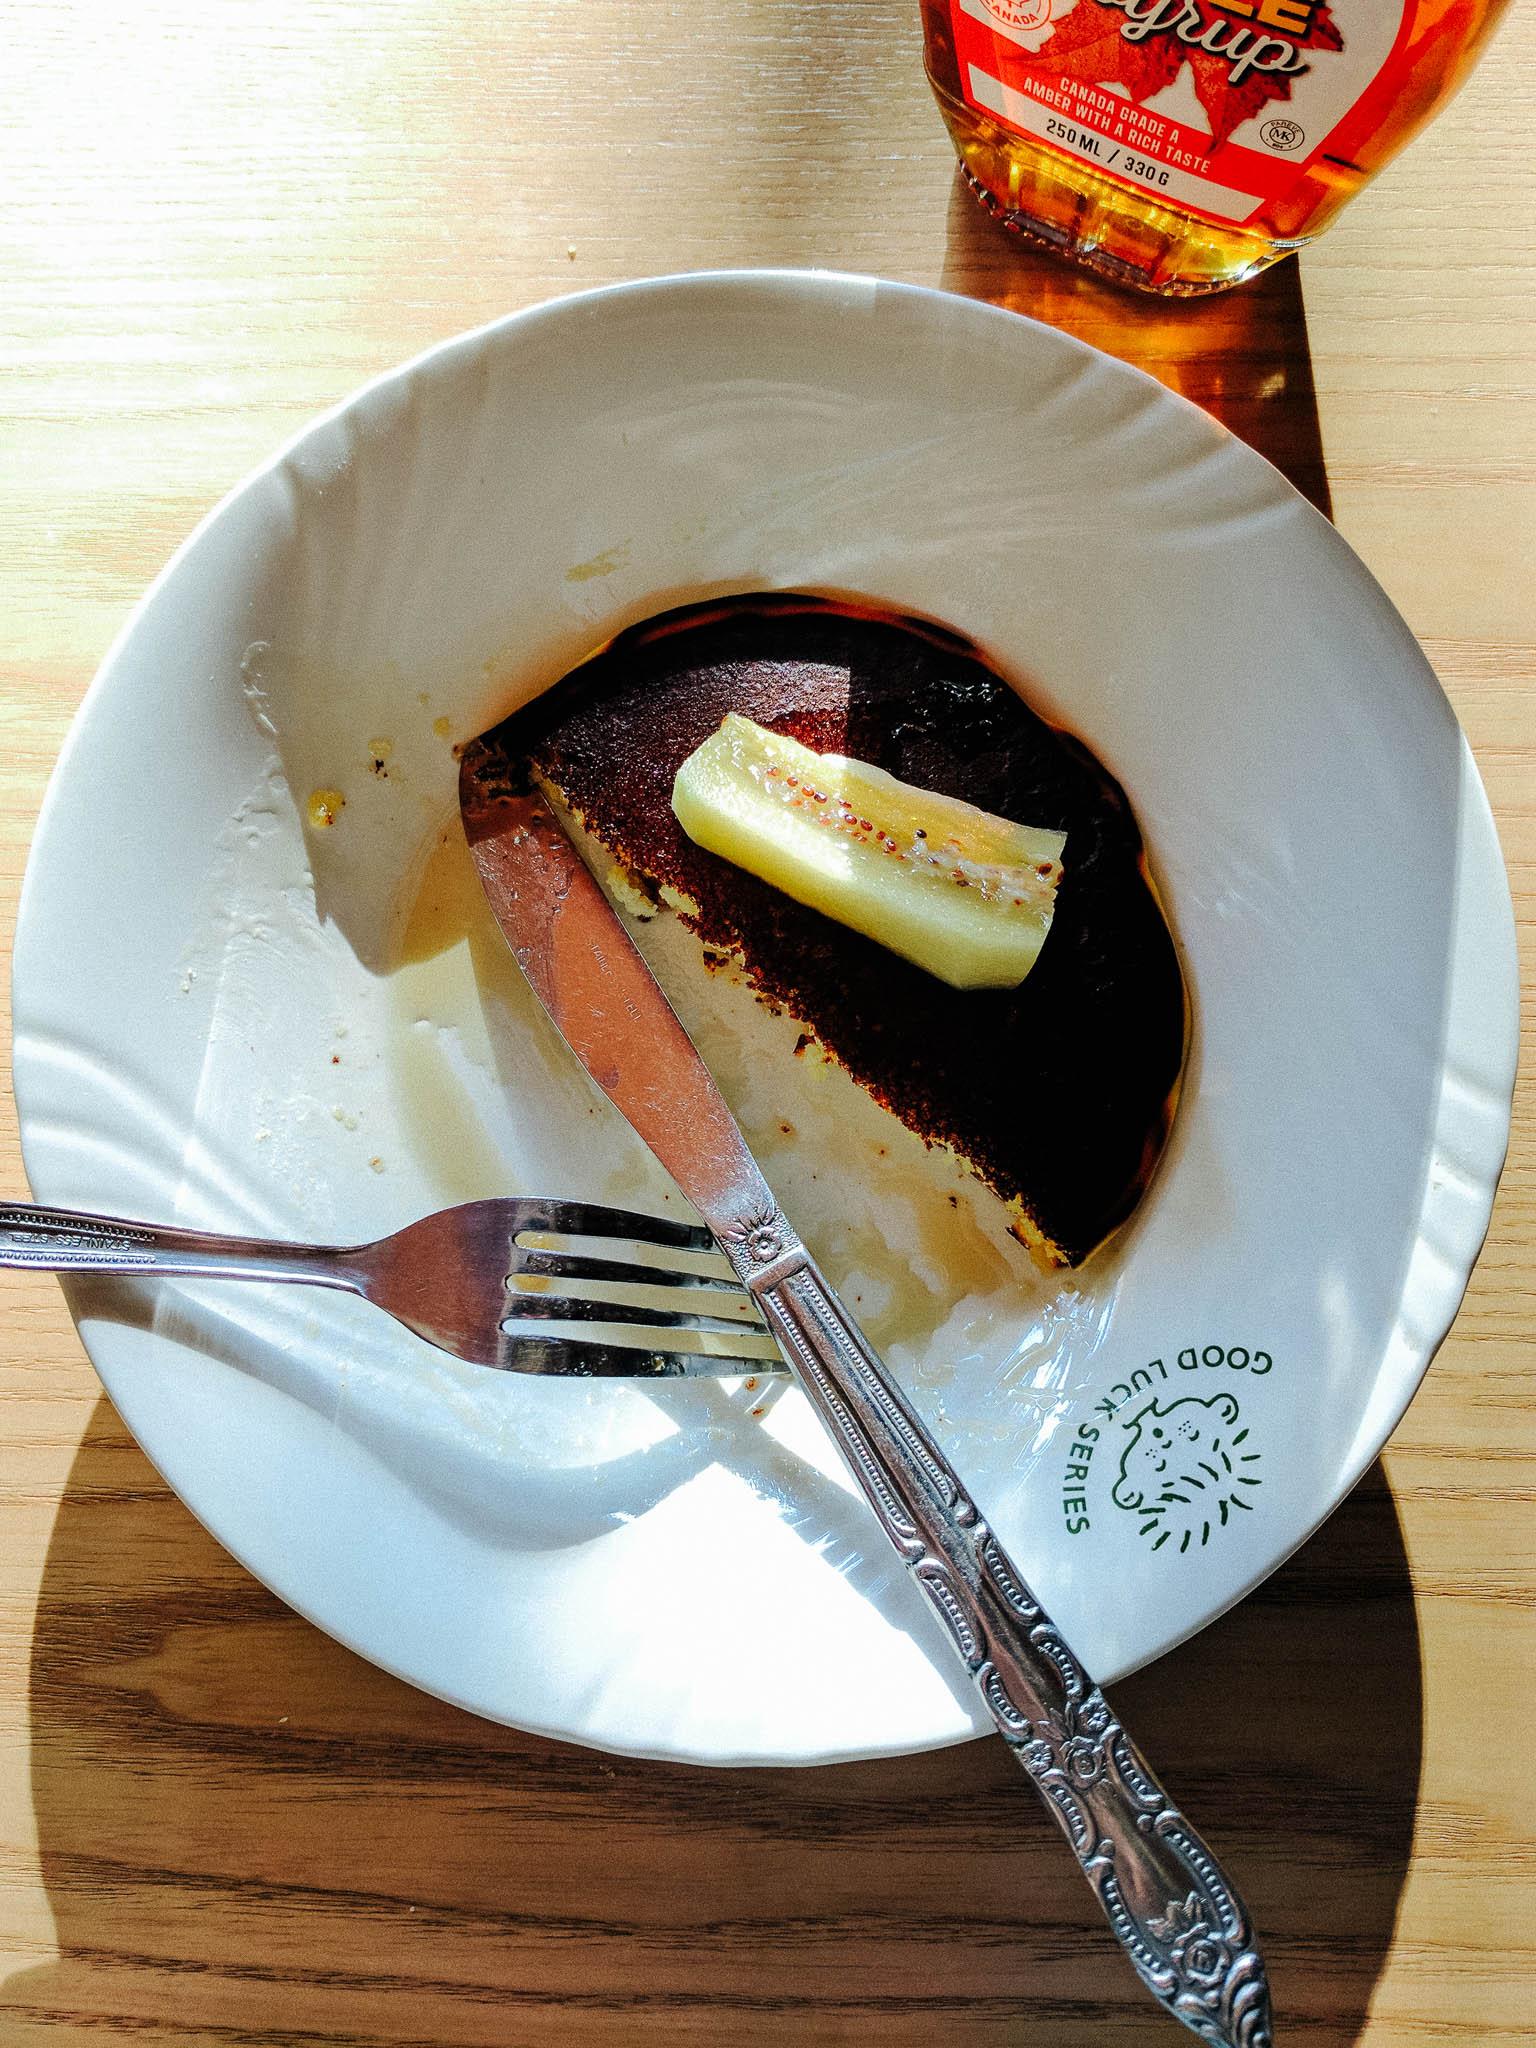 japanese-pancake-canadian-maple-syrup